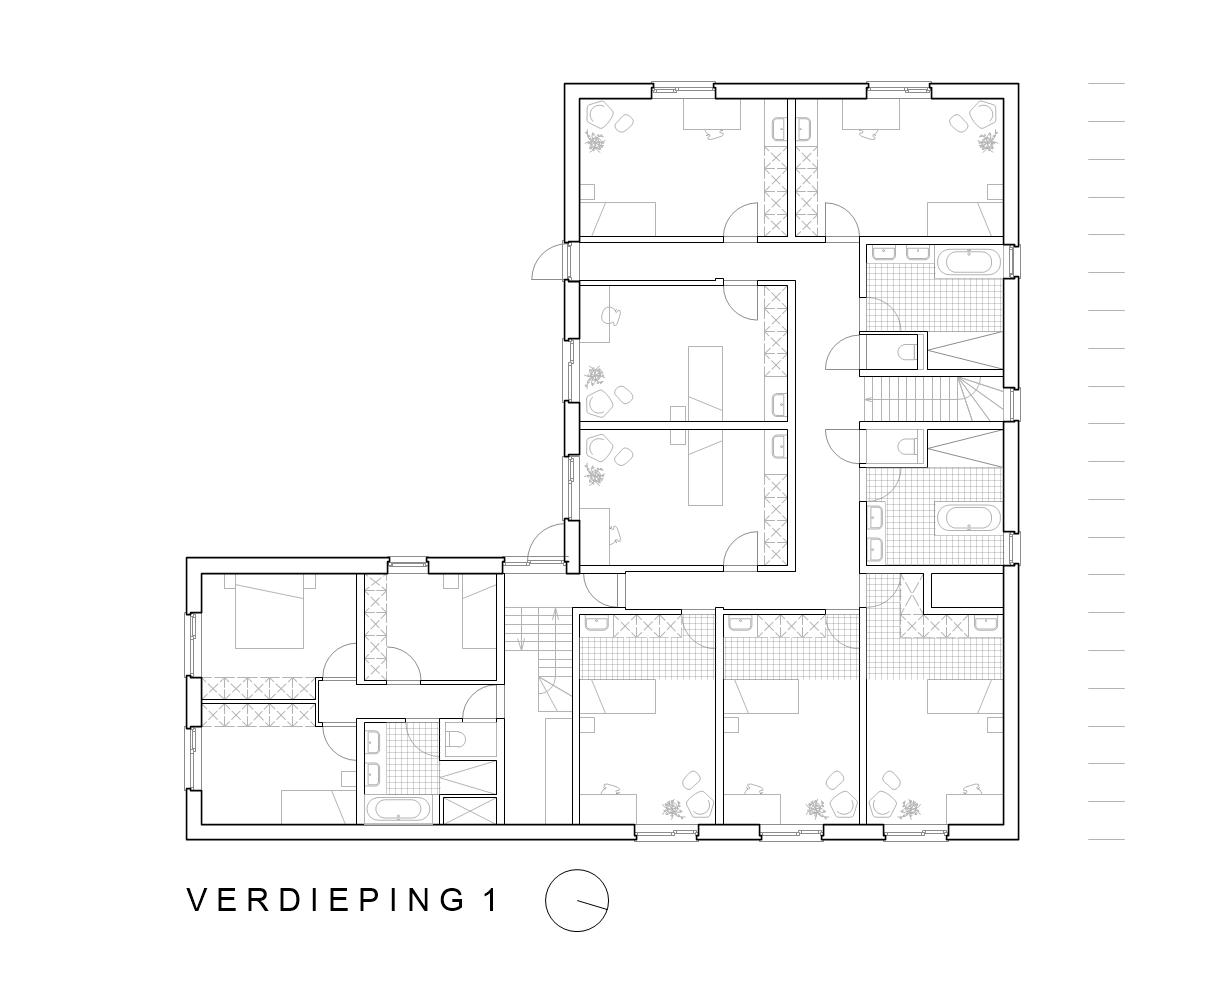 K1813_Verdieping1